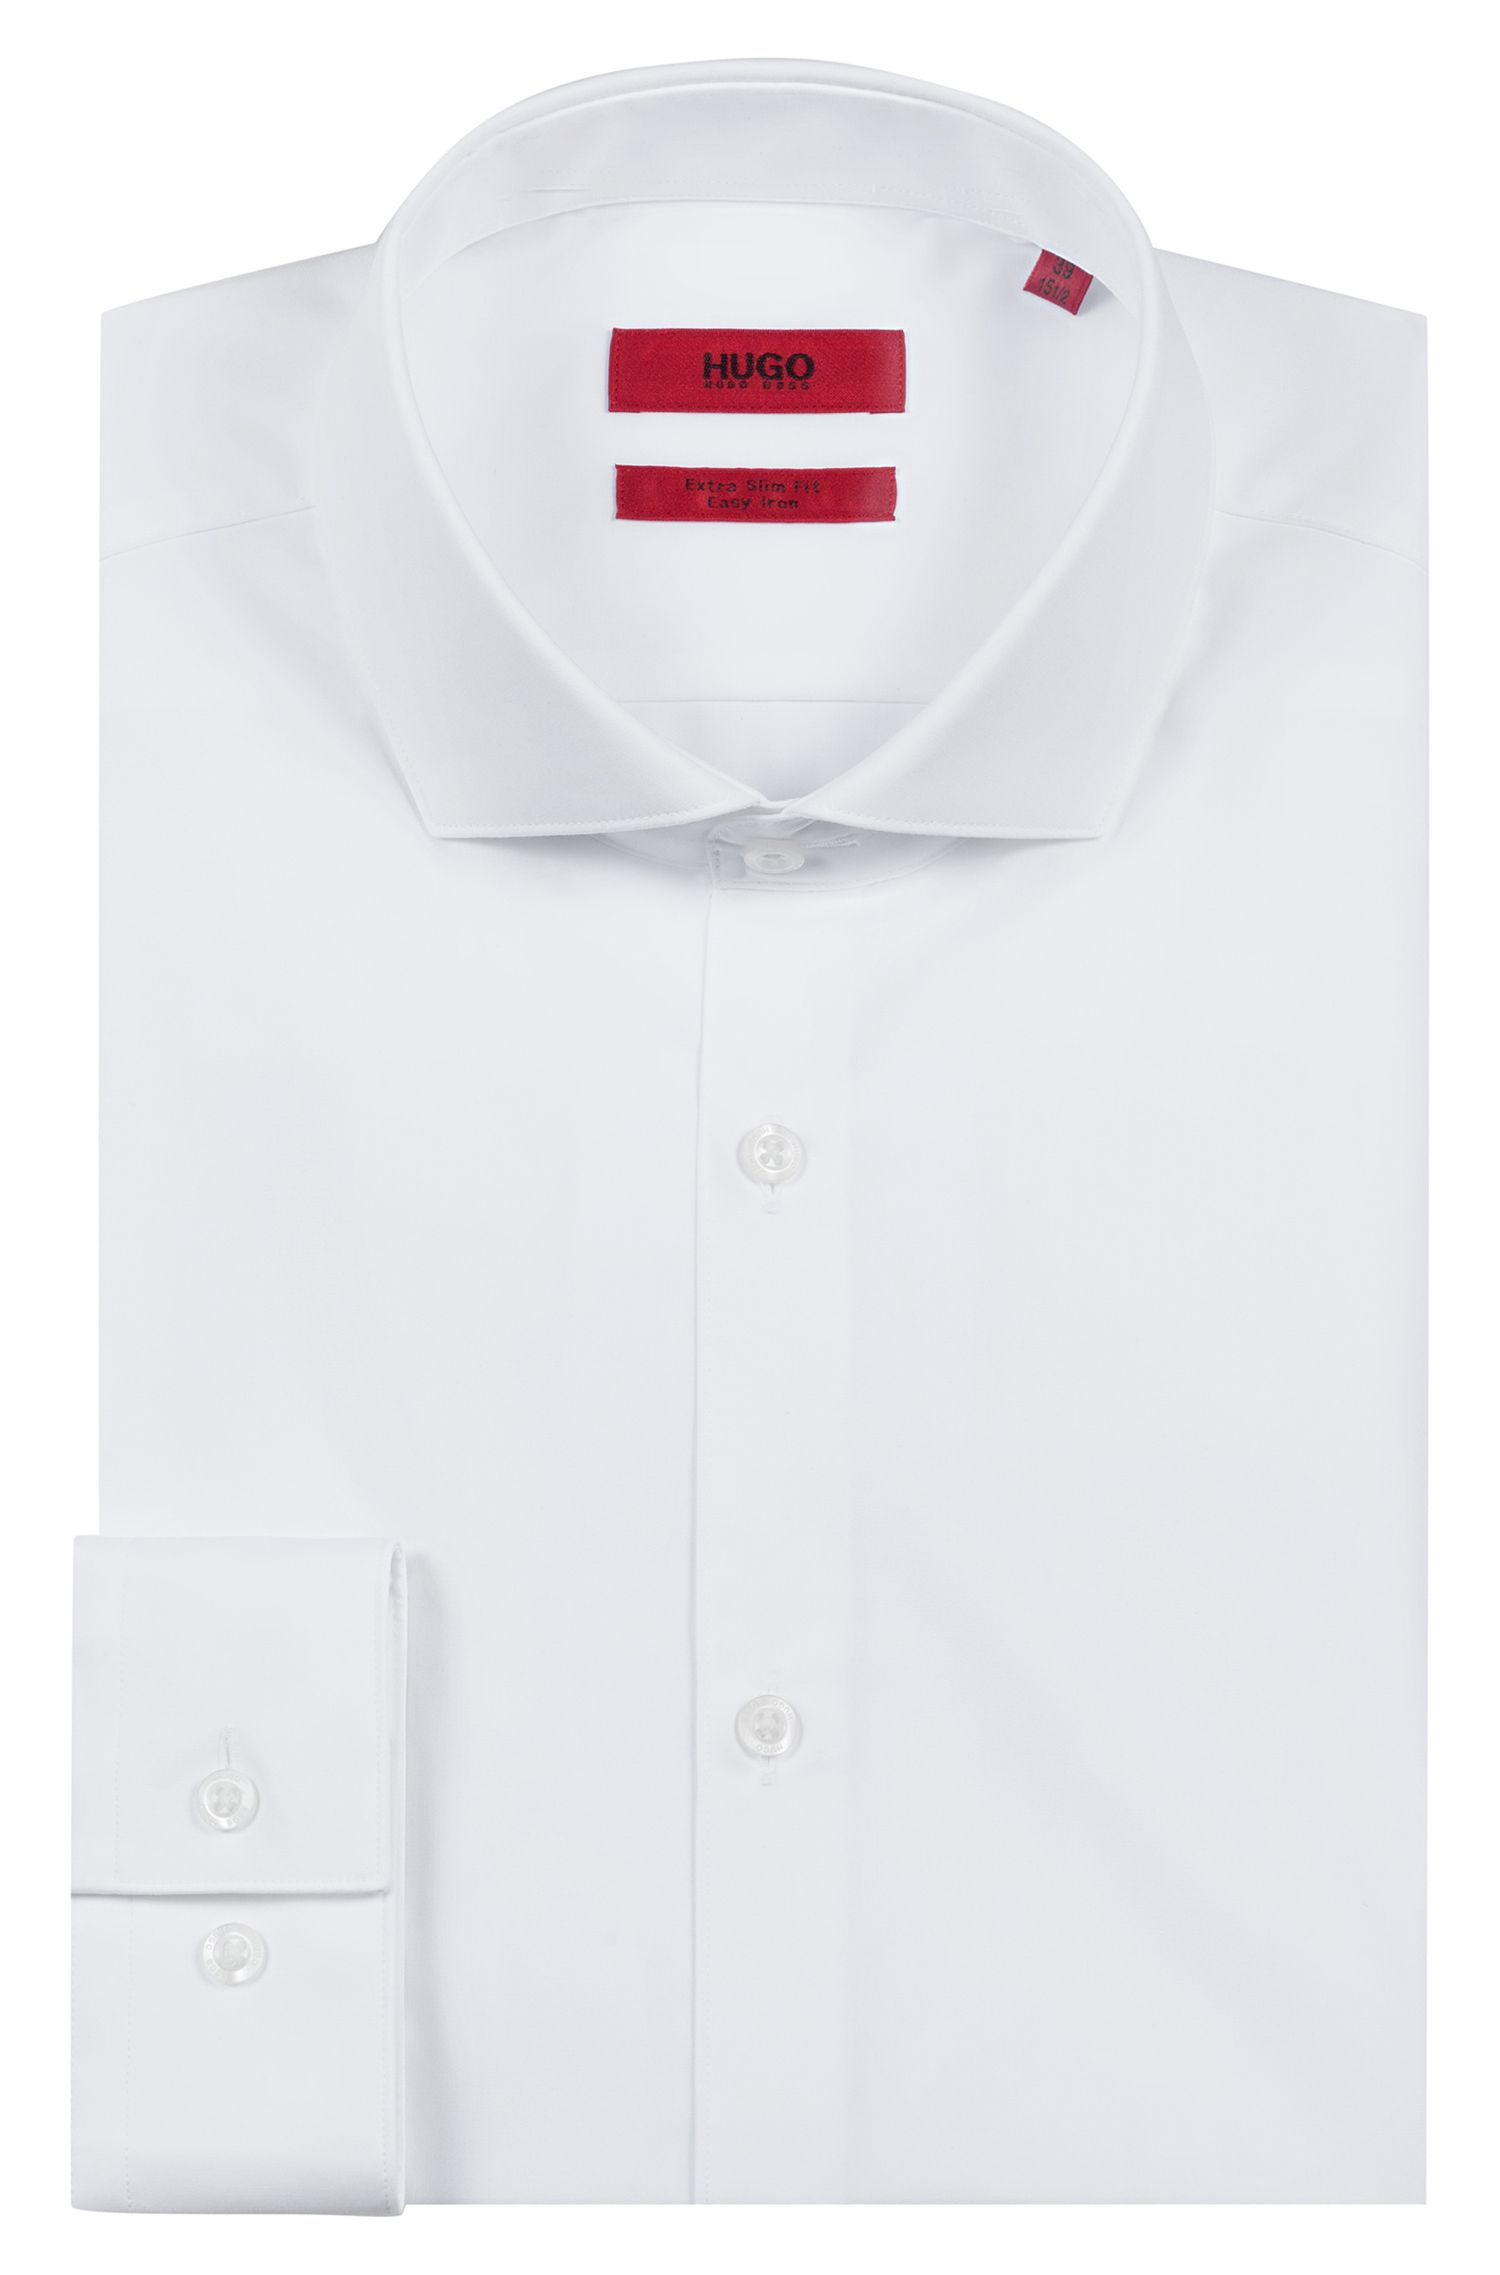 Extra Slim-Fit Hemd aus Baumwoll-Popeline, Weiß